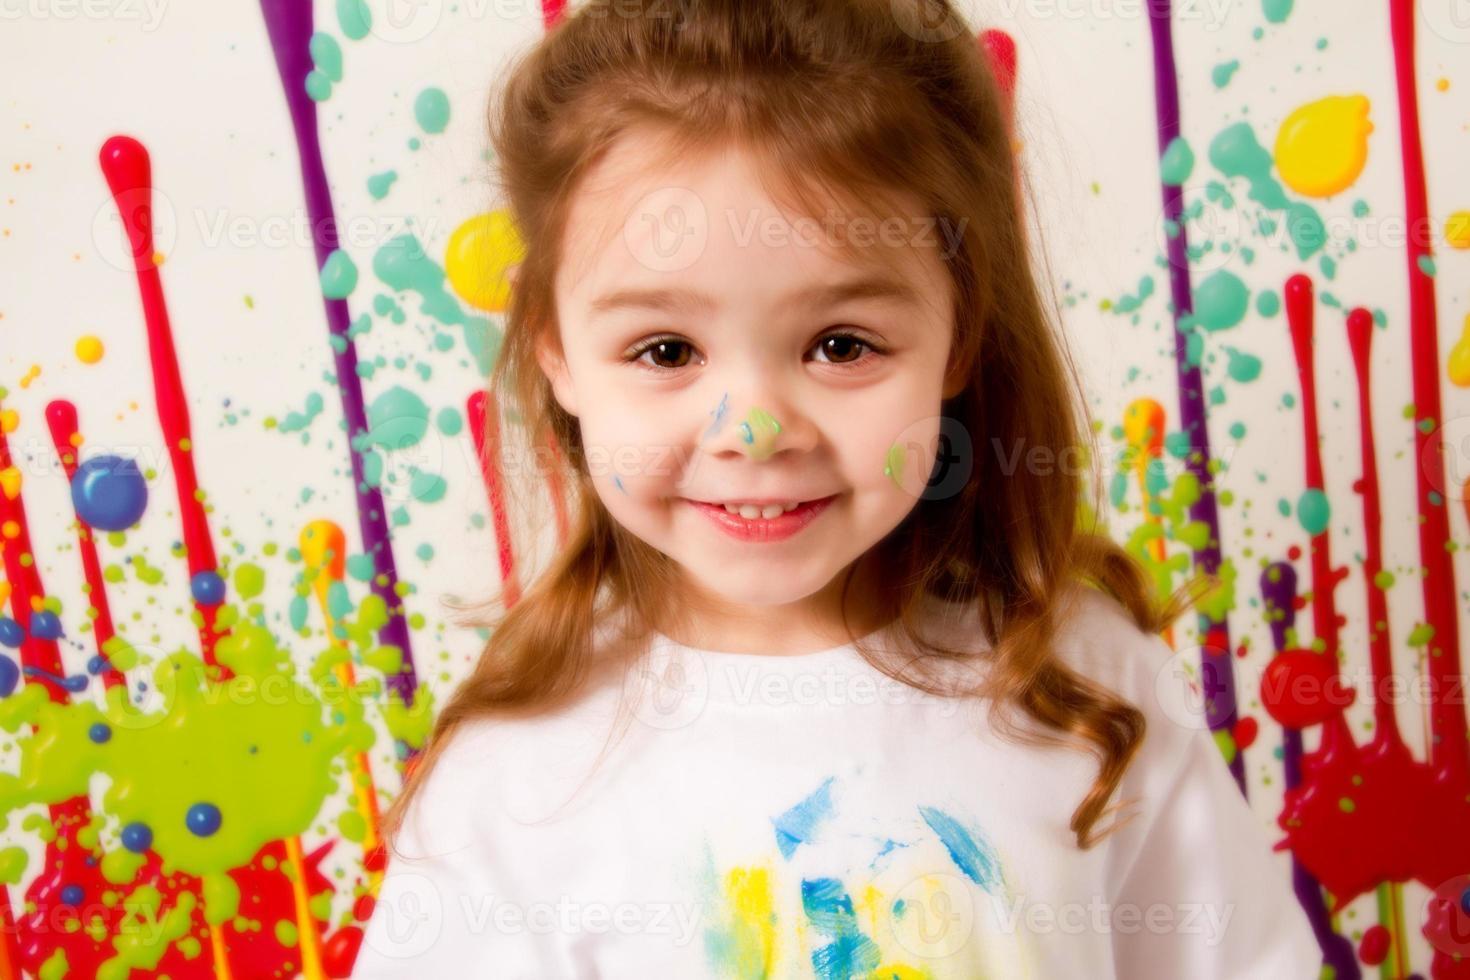 criança feliz, coberta de salpicos de tinta foto